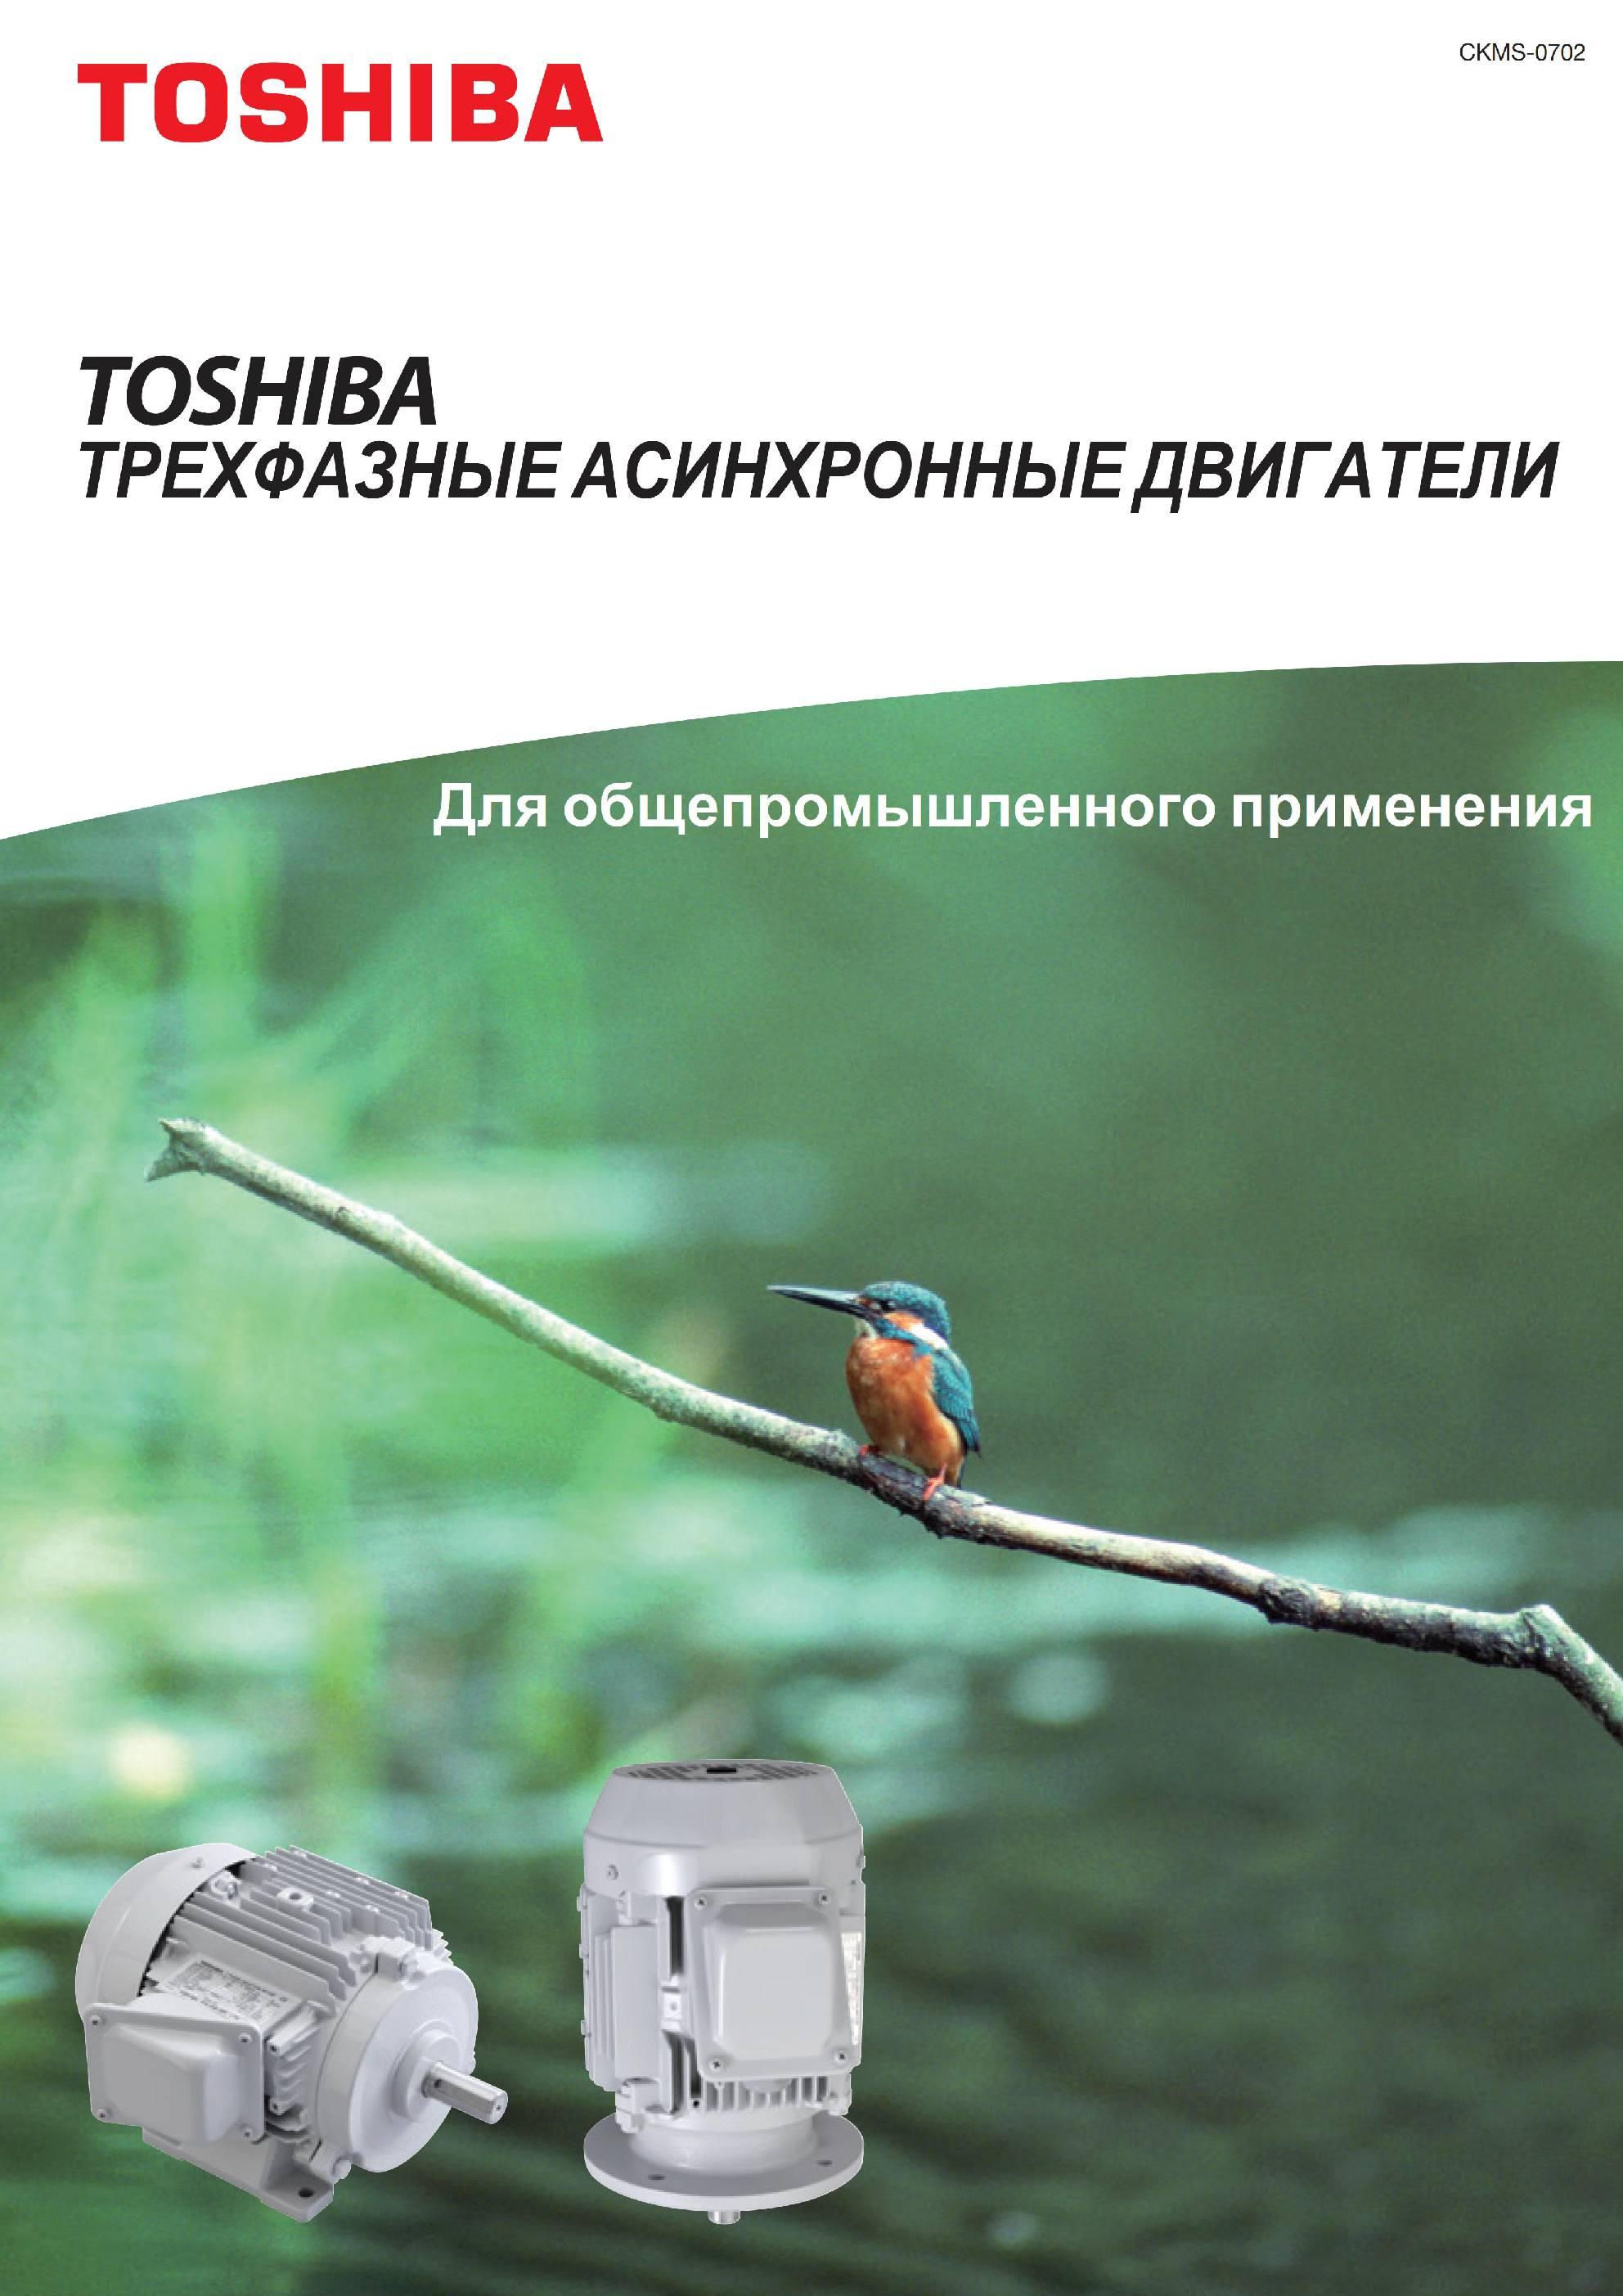 Низковольтные электродвигатели IK IKK TIKK Toshiba общепромышленного применения 0,37-45 кВт